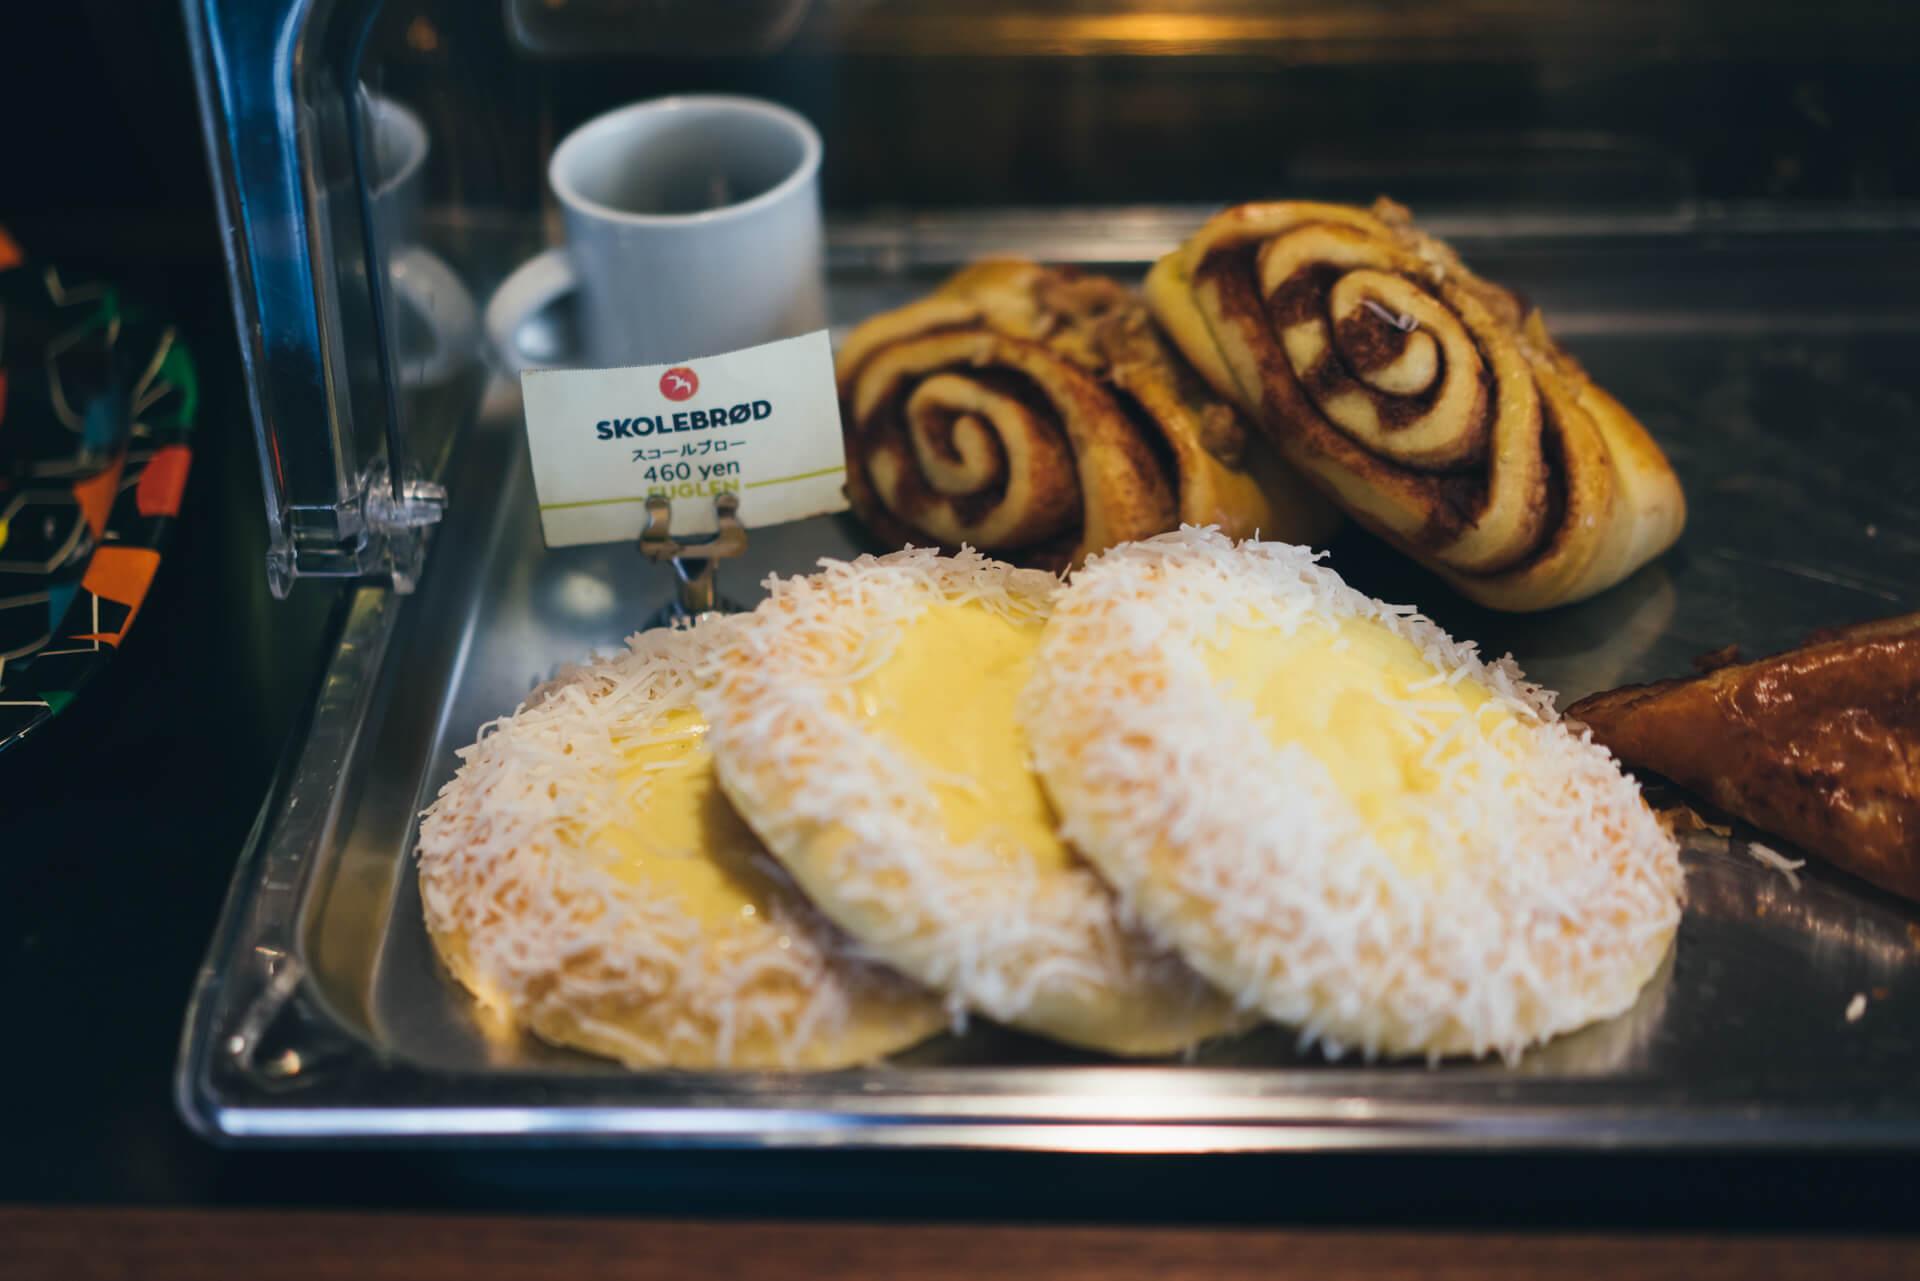 コーヒーと一緒にいただくパンも。スコールブローは、「スクール ブレッド」という意味。ノルウェーで愛される定番の菓子パンです。